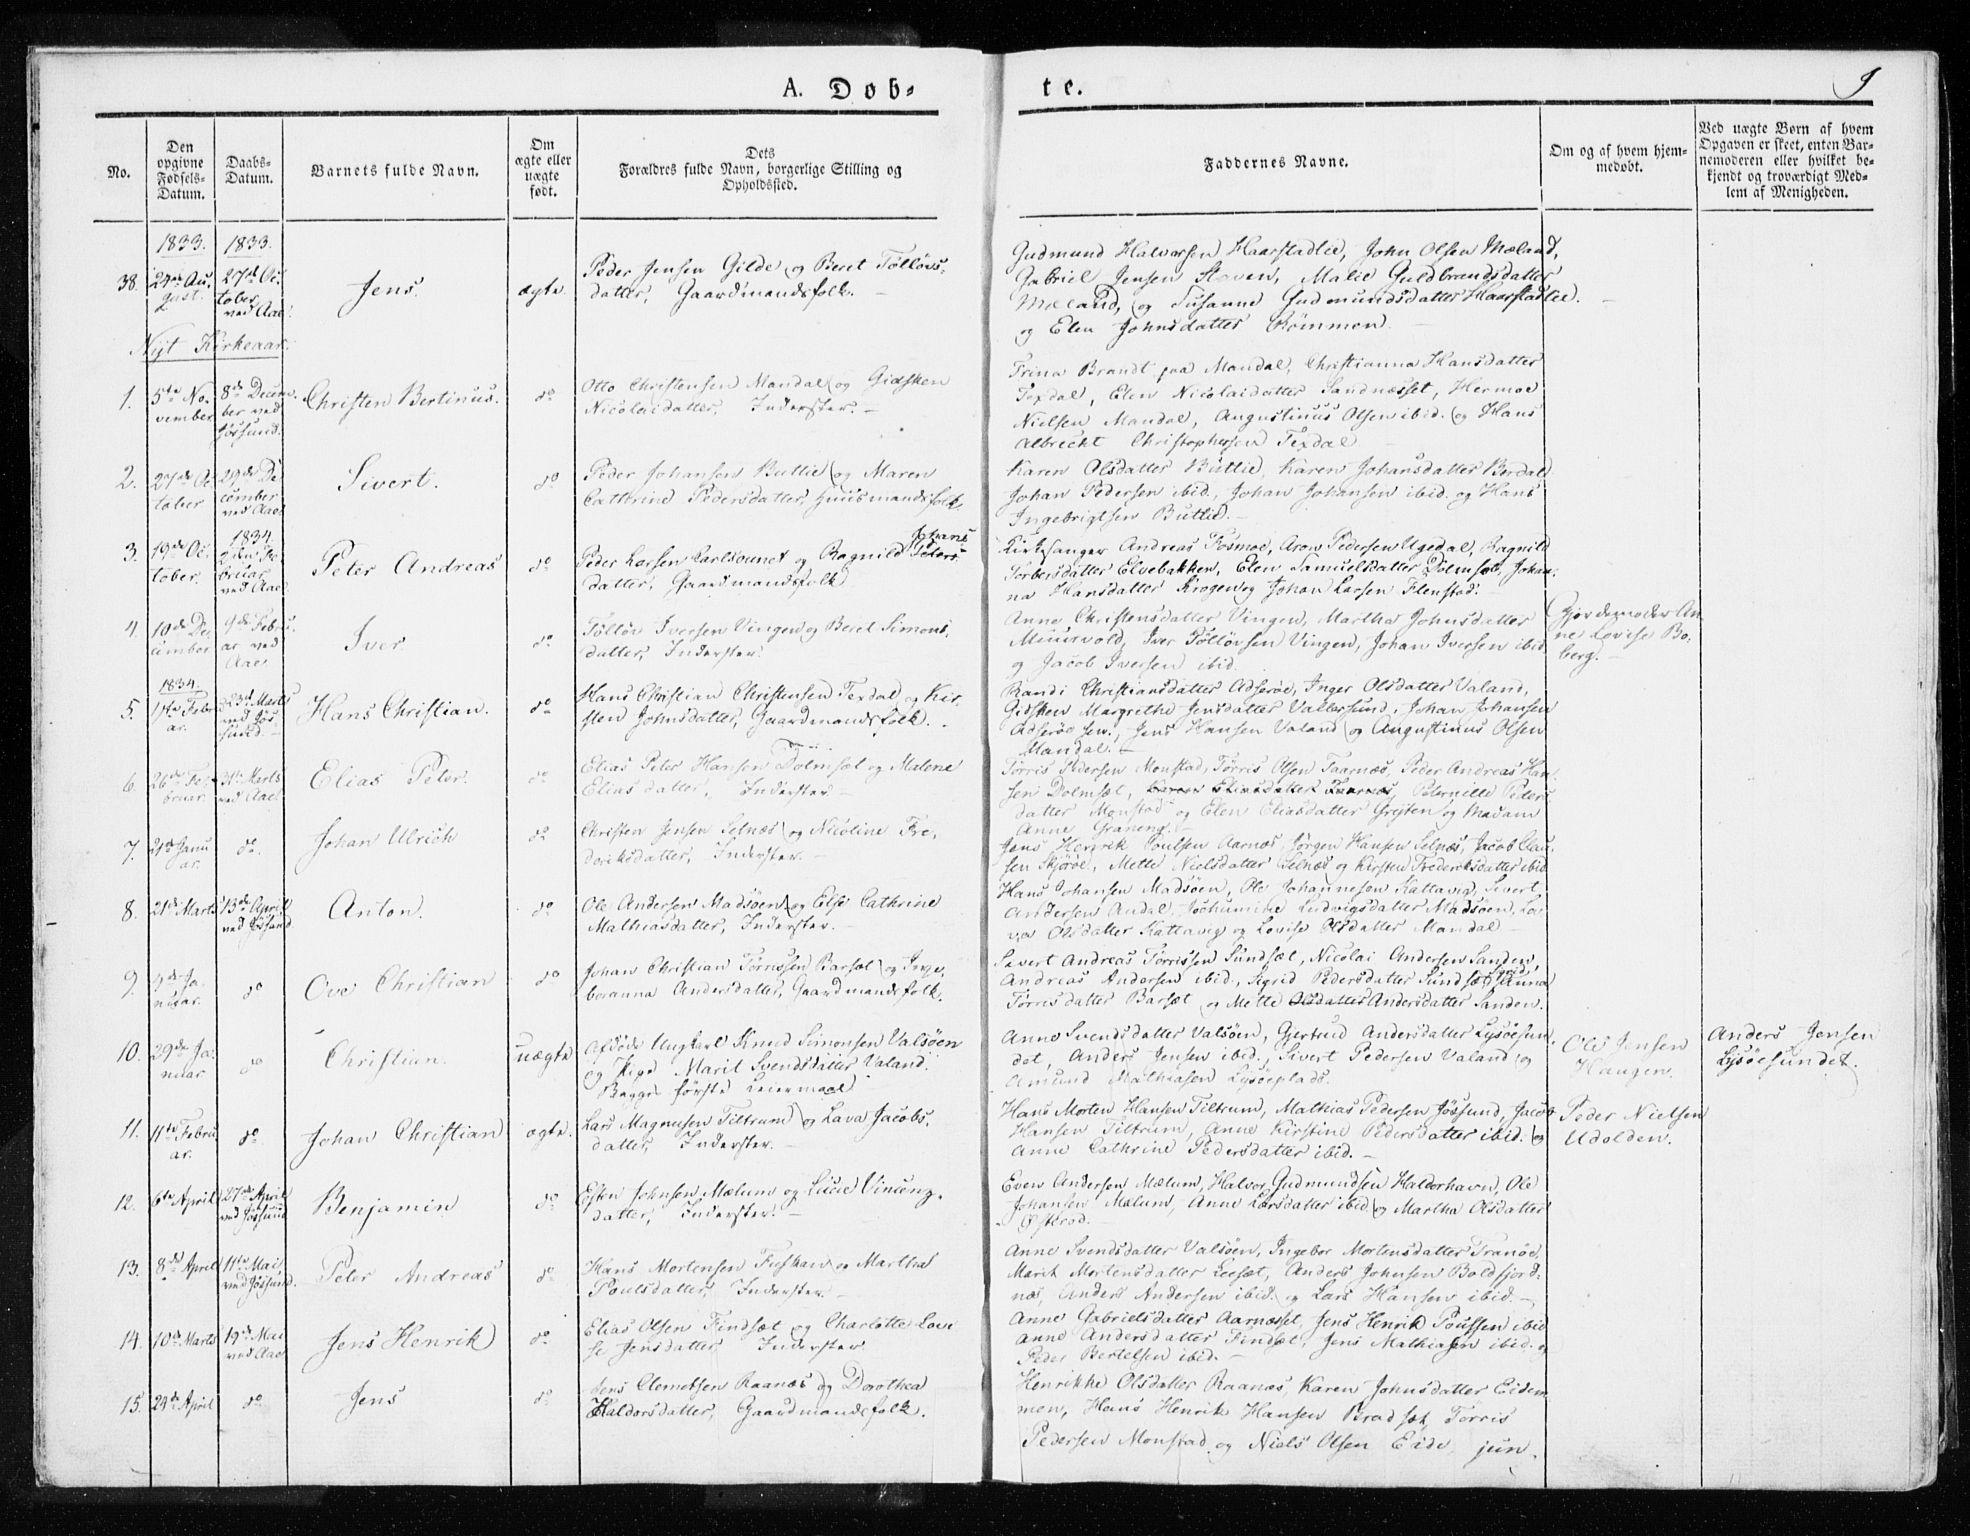 SAT, Ministerialprotokoller, klokkerbøker og fødselsregistre - Sør-Trøndelag, 655/L0676: Ministerialbok nr. 655A05, 1830-1847, s. 9